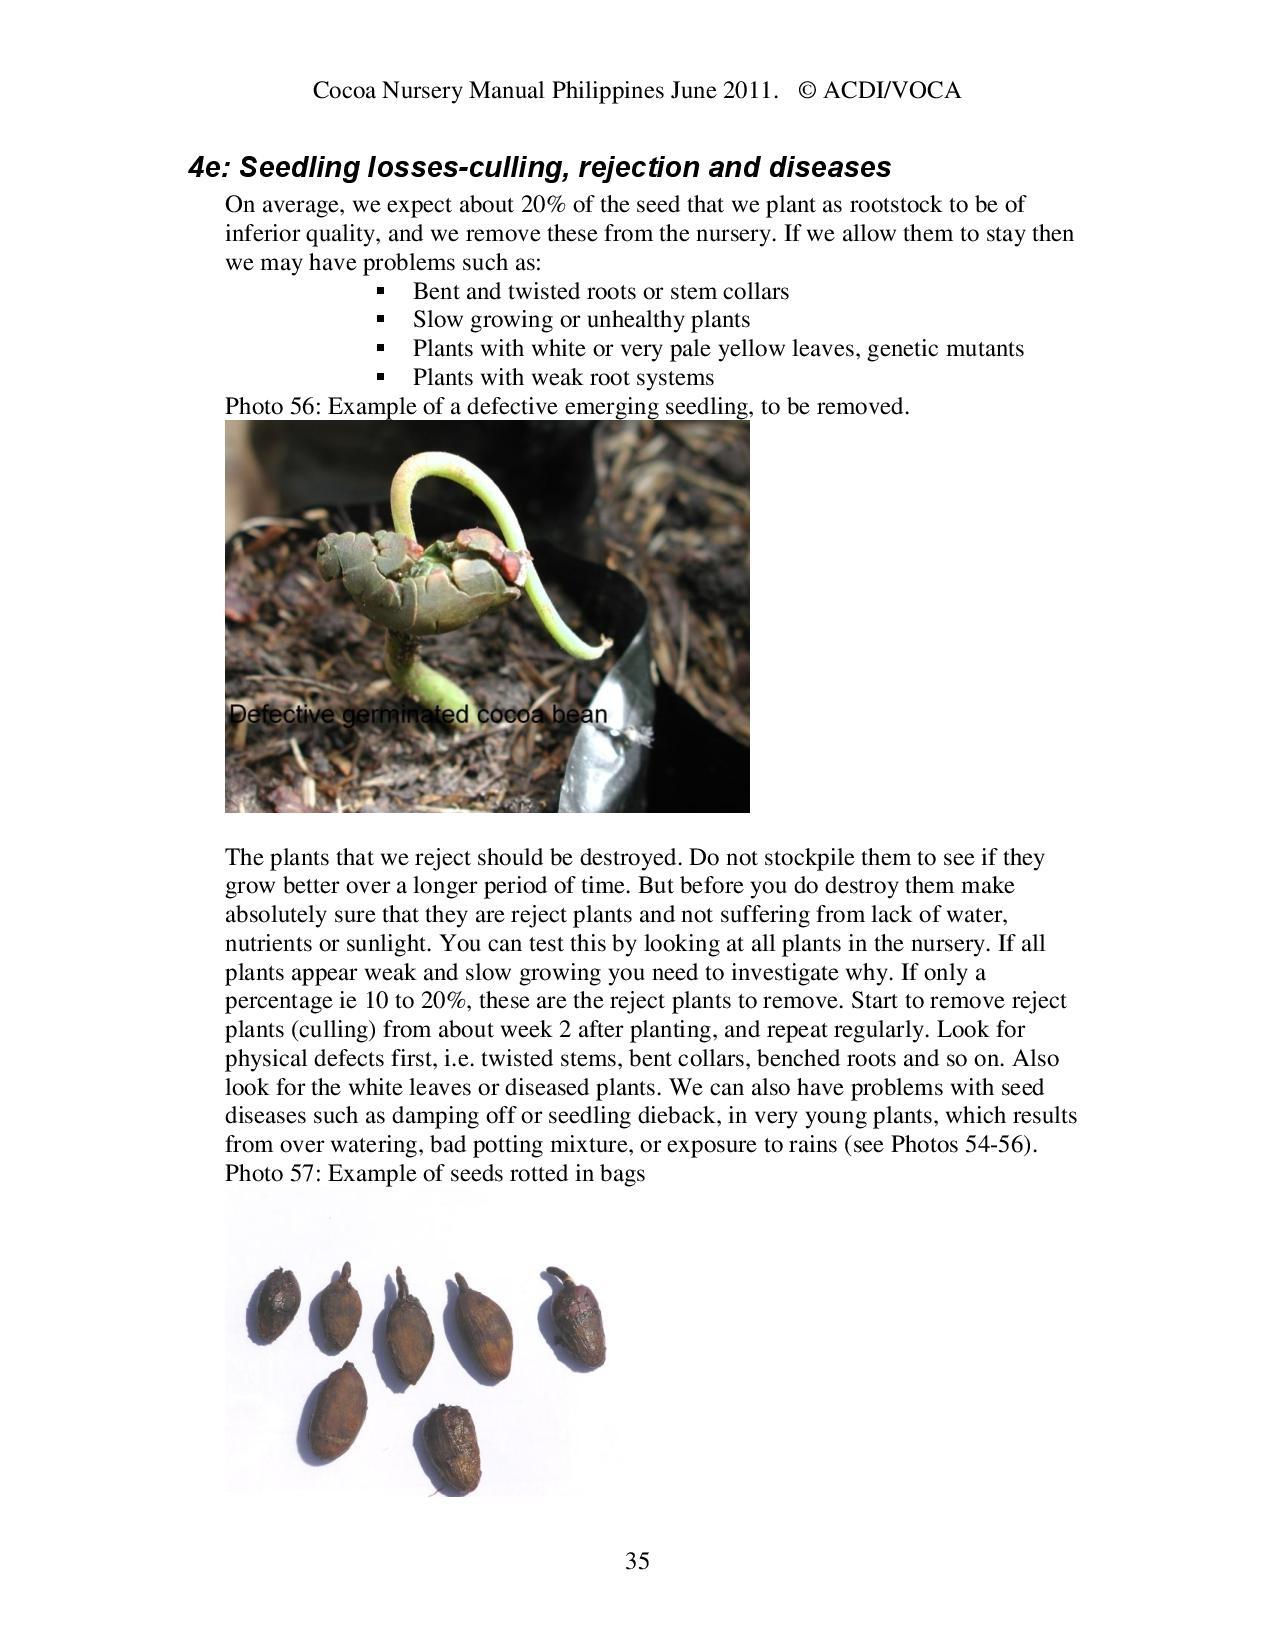 Cocoa-Nursery-Manual-2011_acdi-voca-page-035